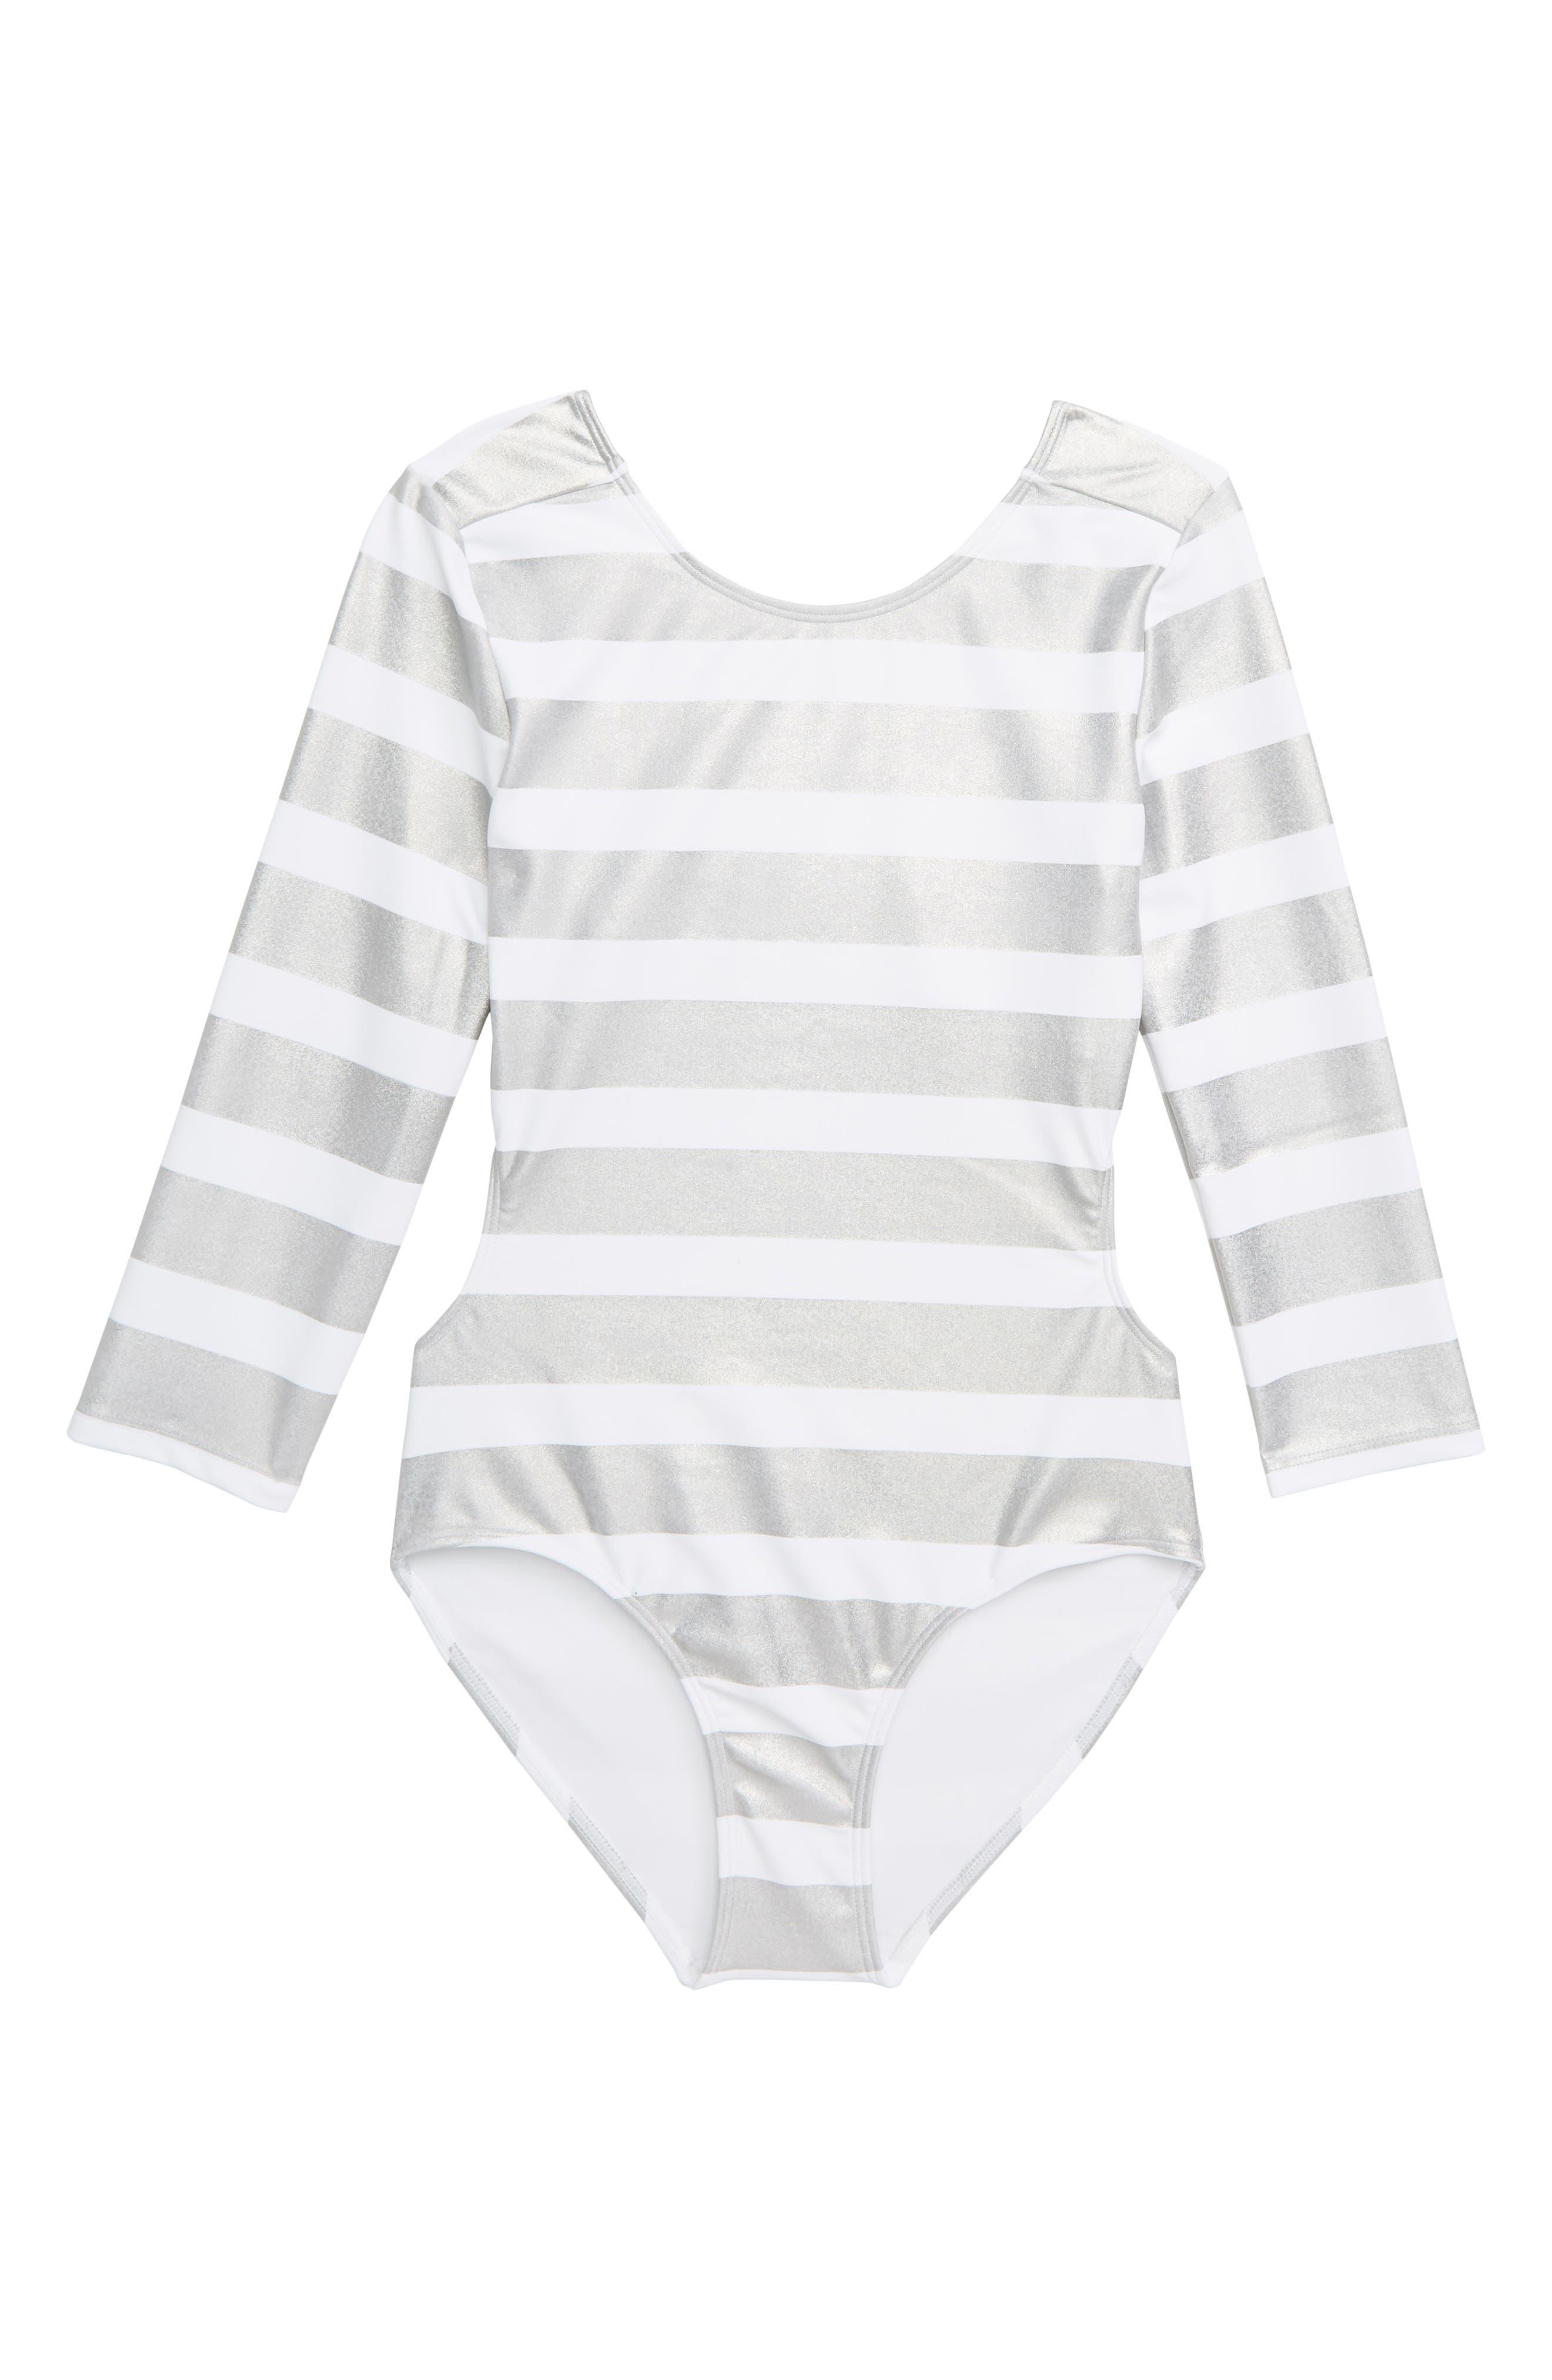 ZELLA GIRL Mirror Stripe One-Piece Swimsuit, Main, color, WHITE MULTI FOIL STRIPE